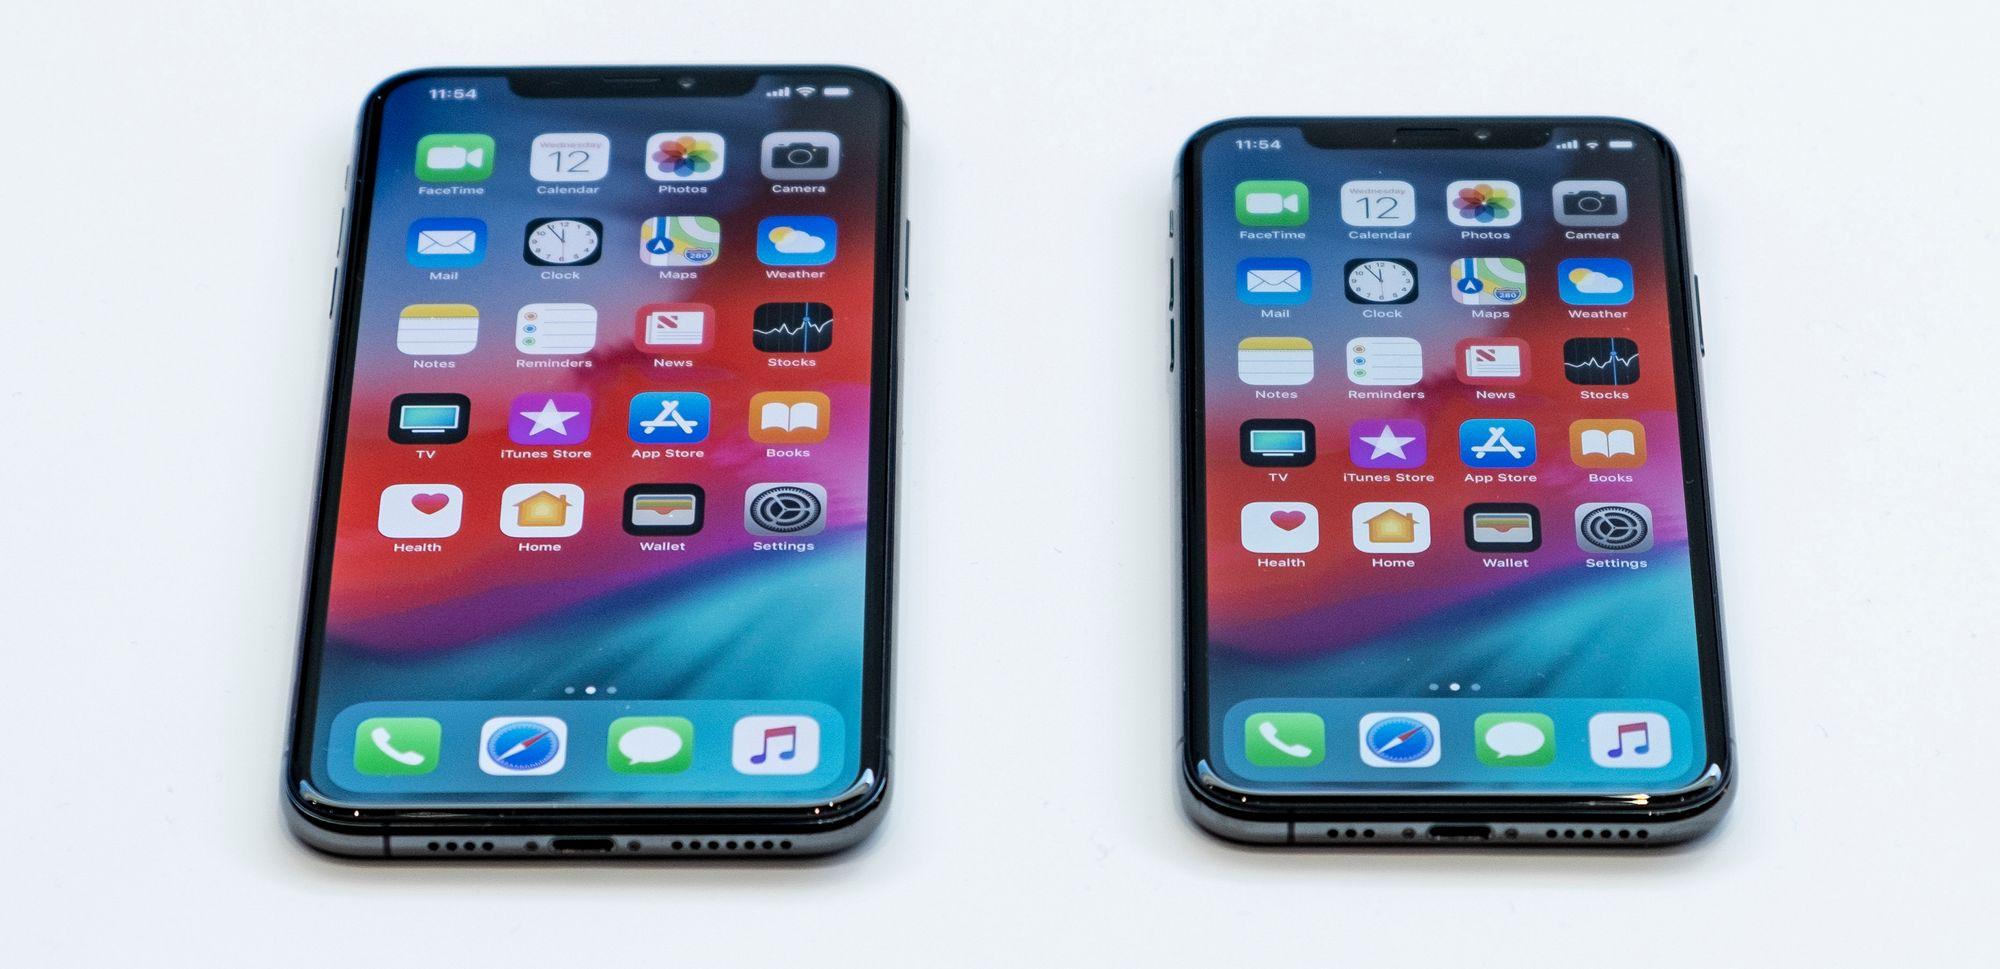 7db485e6 iPhone XS Max og XS side om side. Max er ikke akkurat en liten tass, men  med stor skjerm og det største iPhone-batteriet noensinne vil den nok bli  manges ...